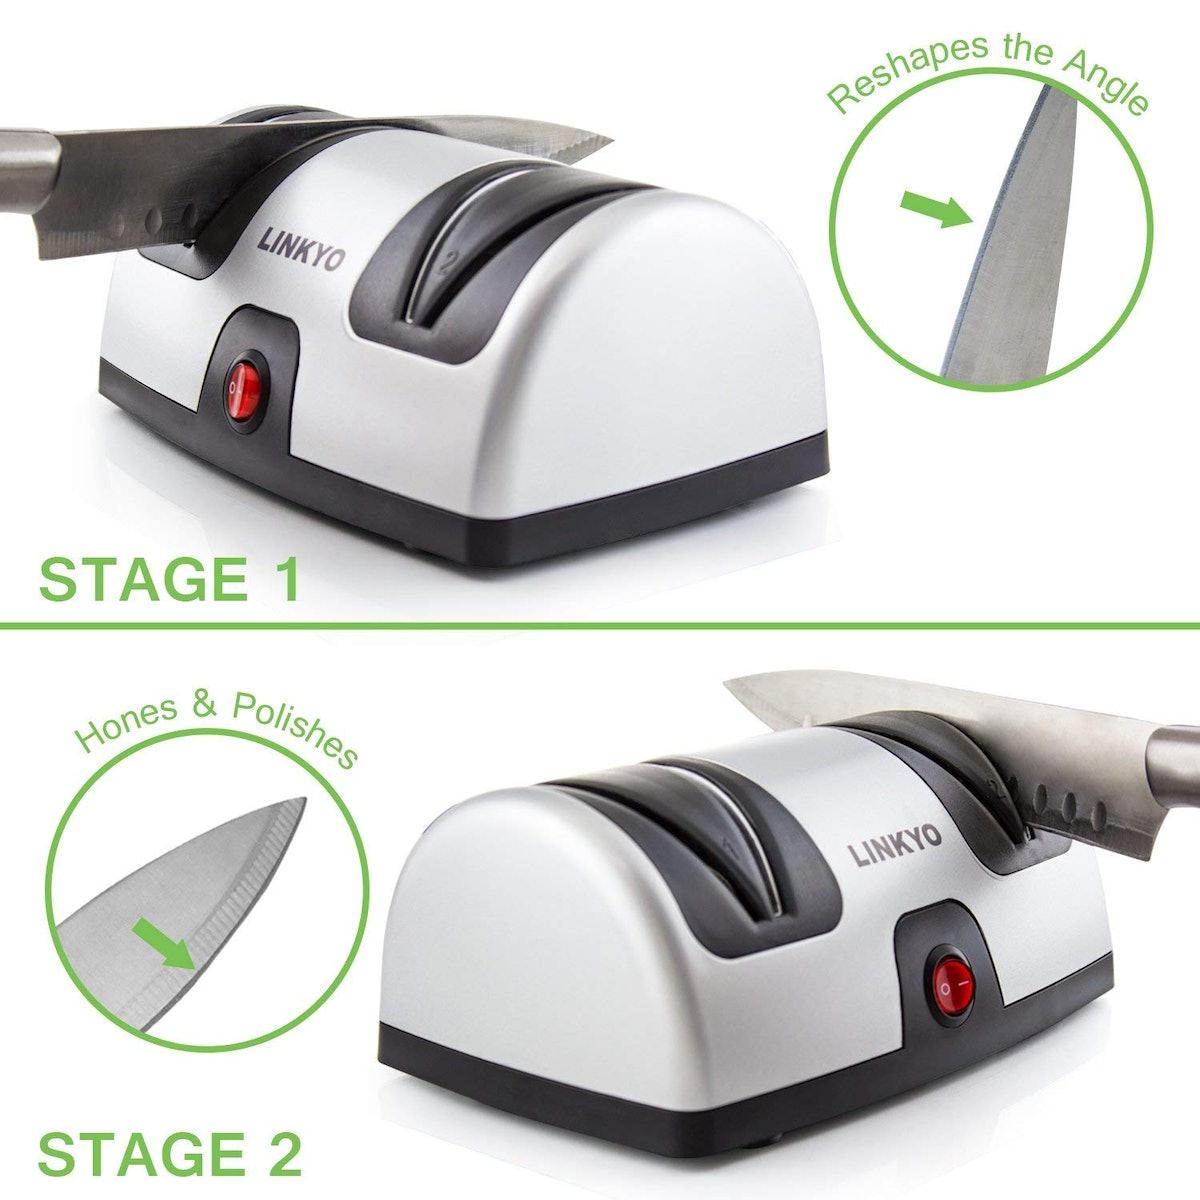 LYNKO Electric Knife Sharpener